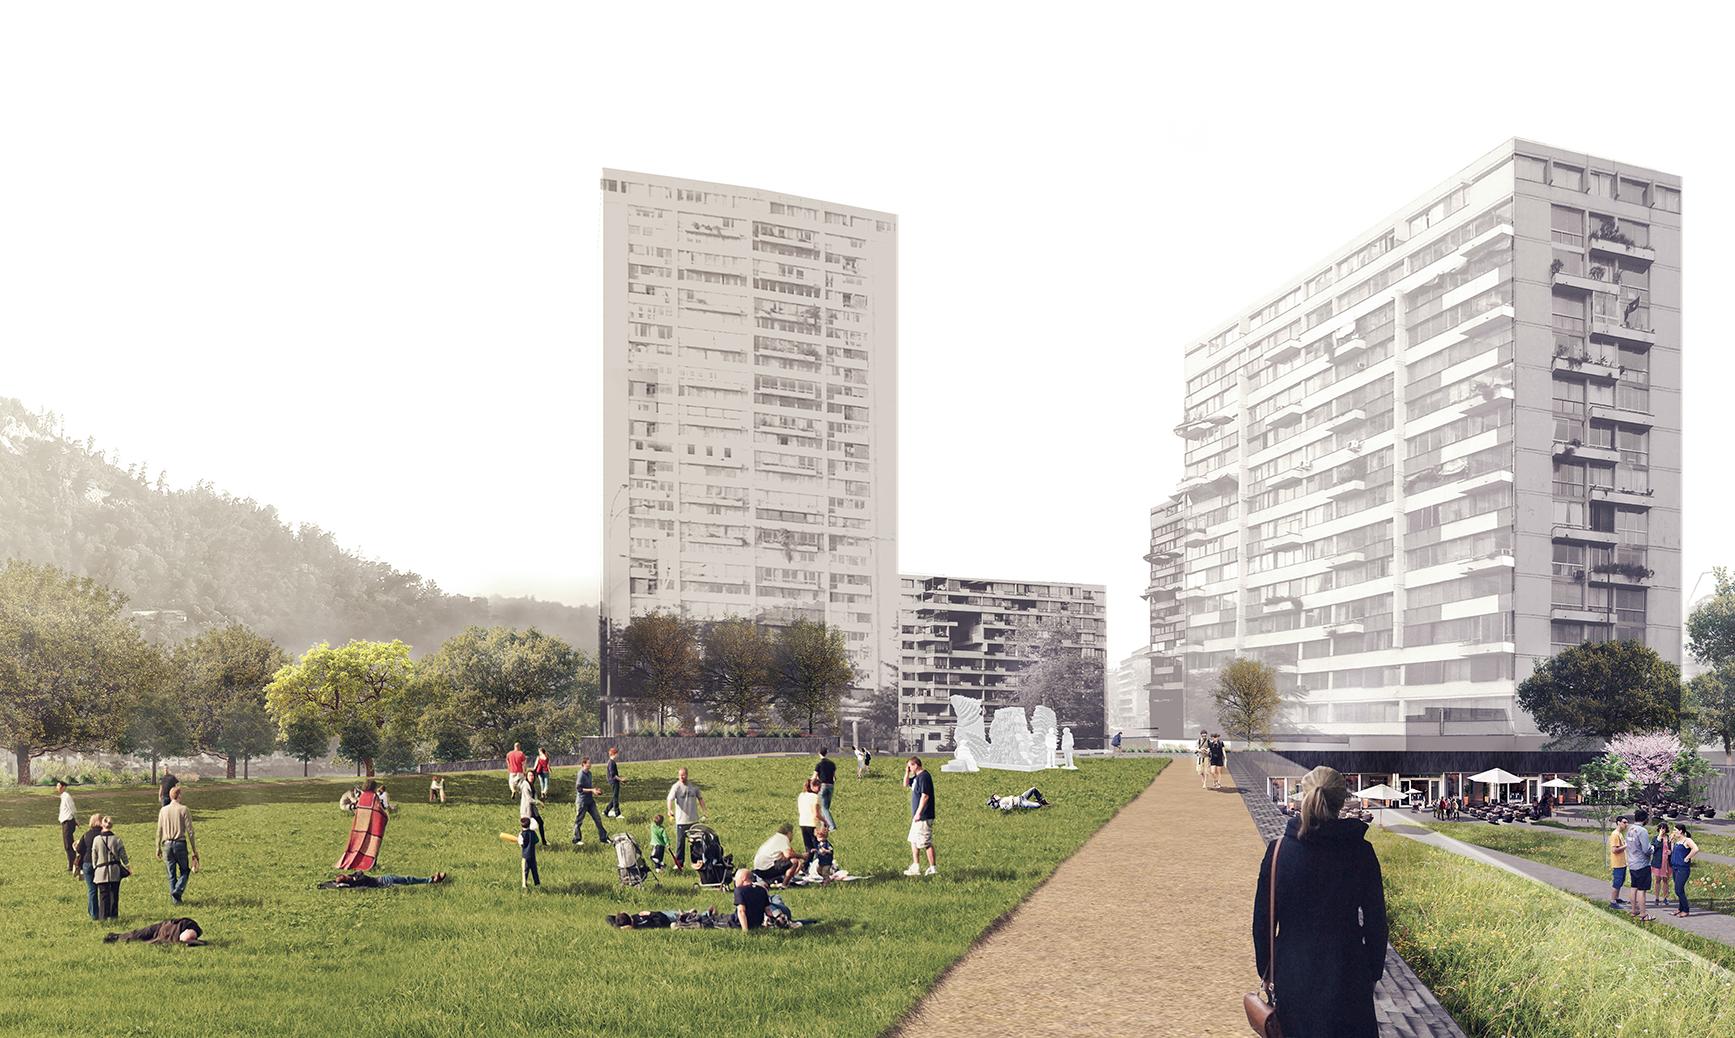 Primer Lugar en Concurso para plaza pública de Torres de Tajamar / Murtinho + Raby Arquitectos, Cortesia de Municipalidad de Providencia